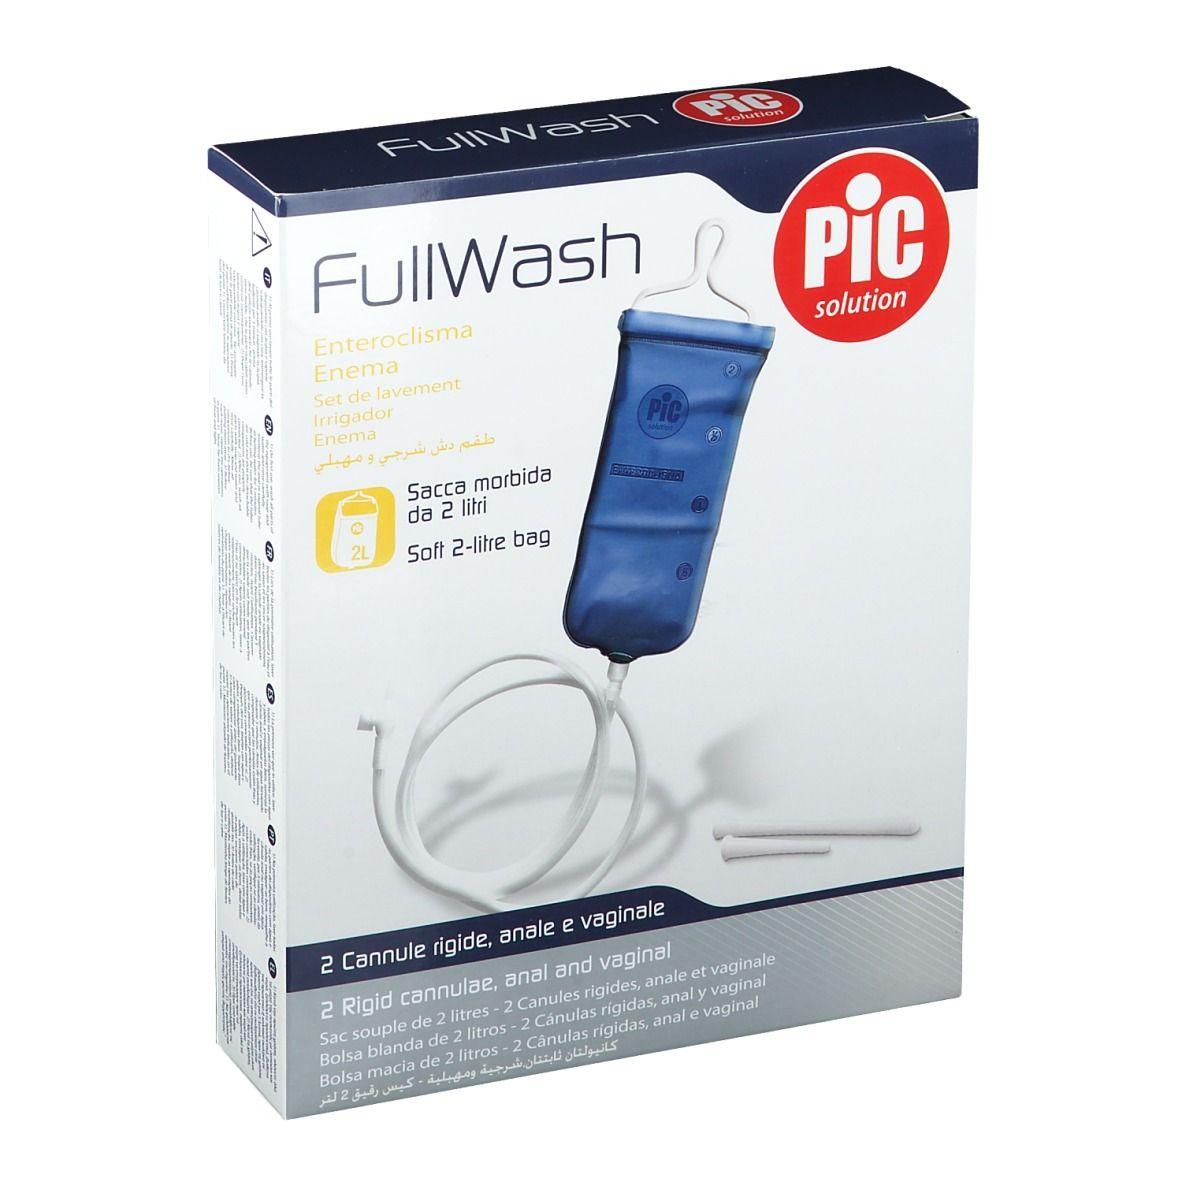 Pic Solution FullWash Bock à lavement pc(s) set(s) de perfusion